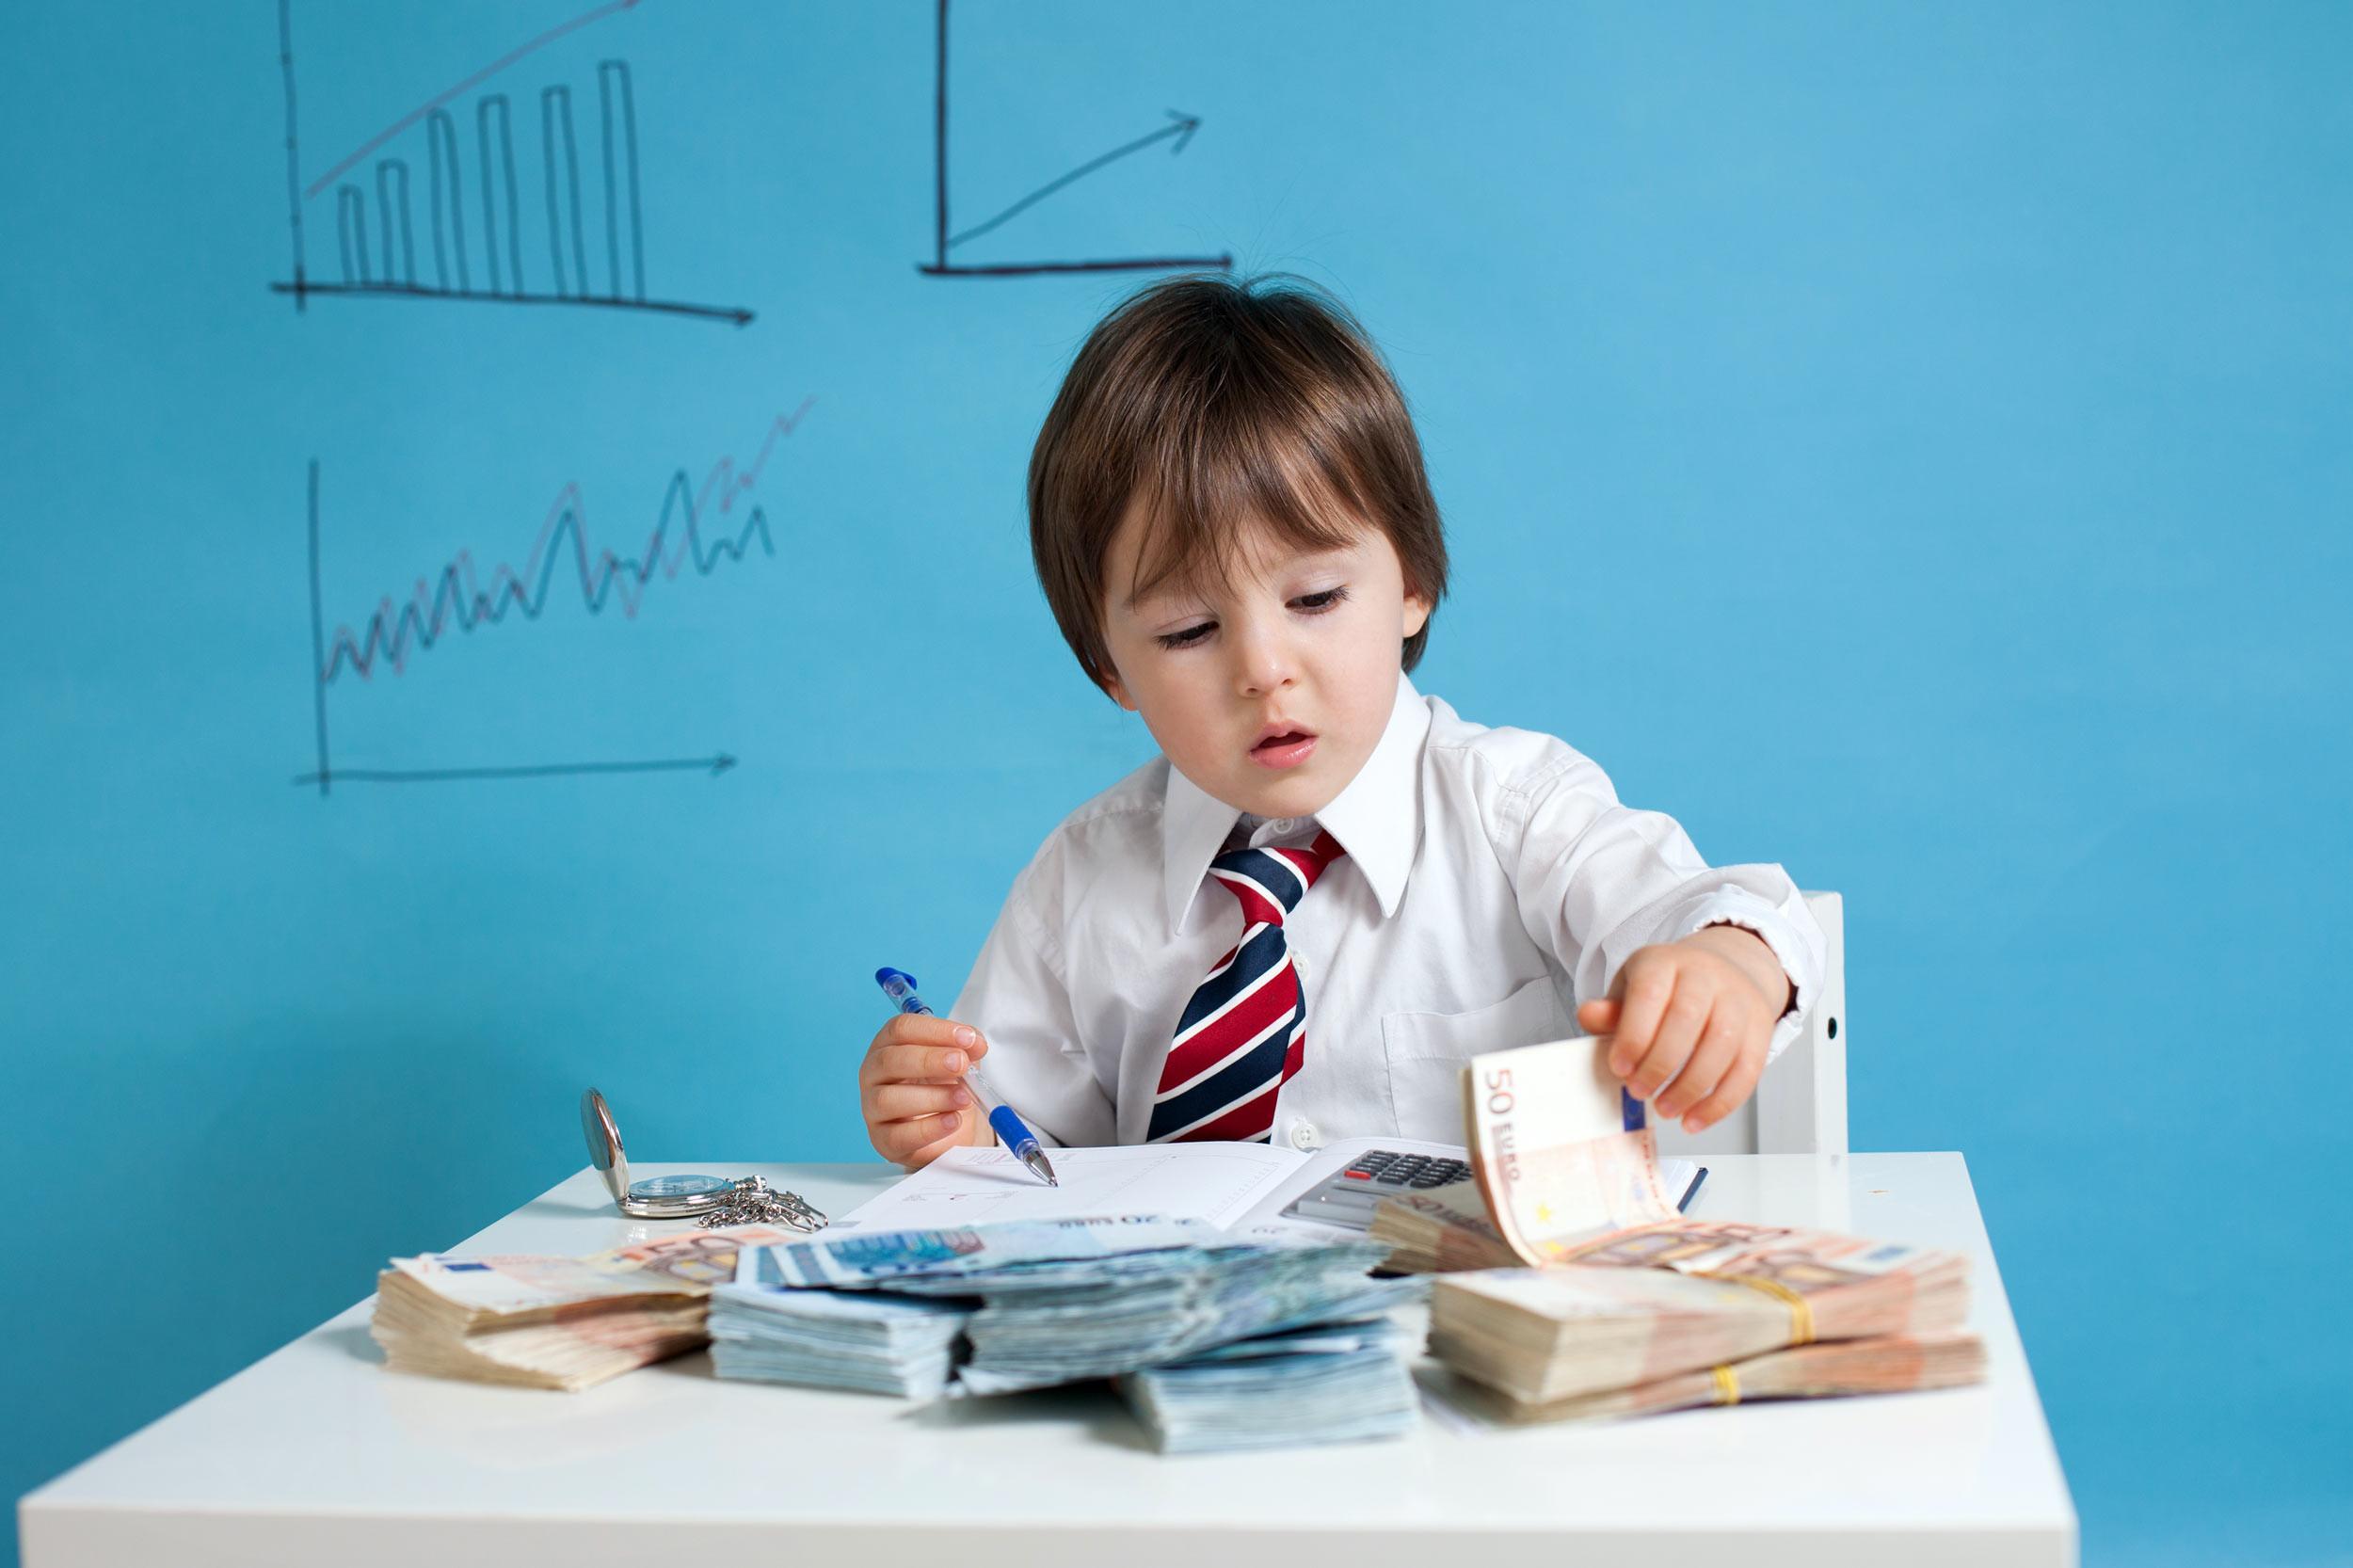 Успешный ученик картинки для детей